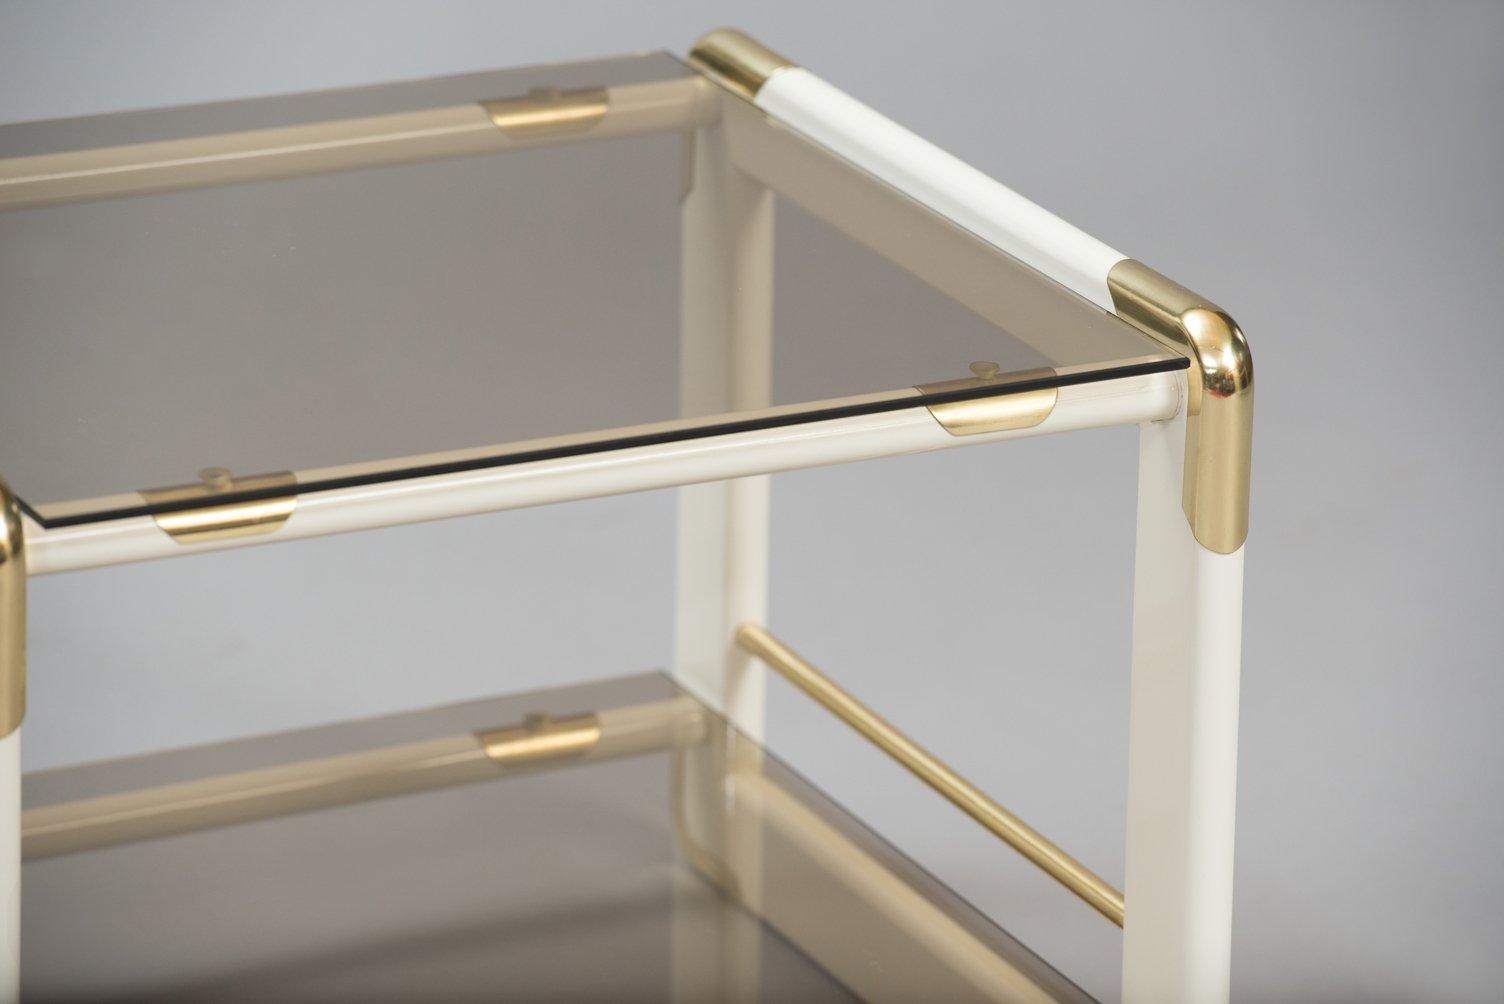 italienischer vintage beistelltisch aus holz messing glas bei pamono kaufen. Black Bedroom Furniture Sets. Home Design Ideas